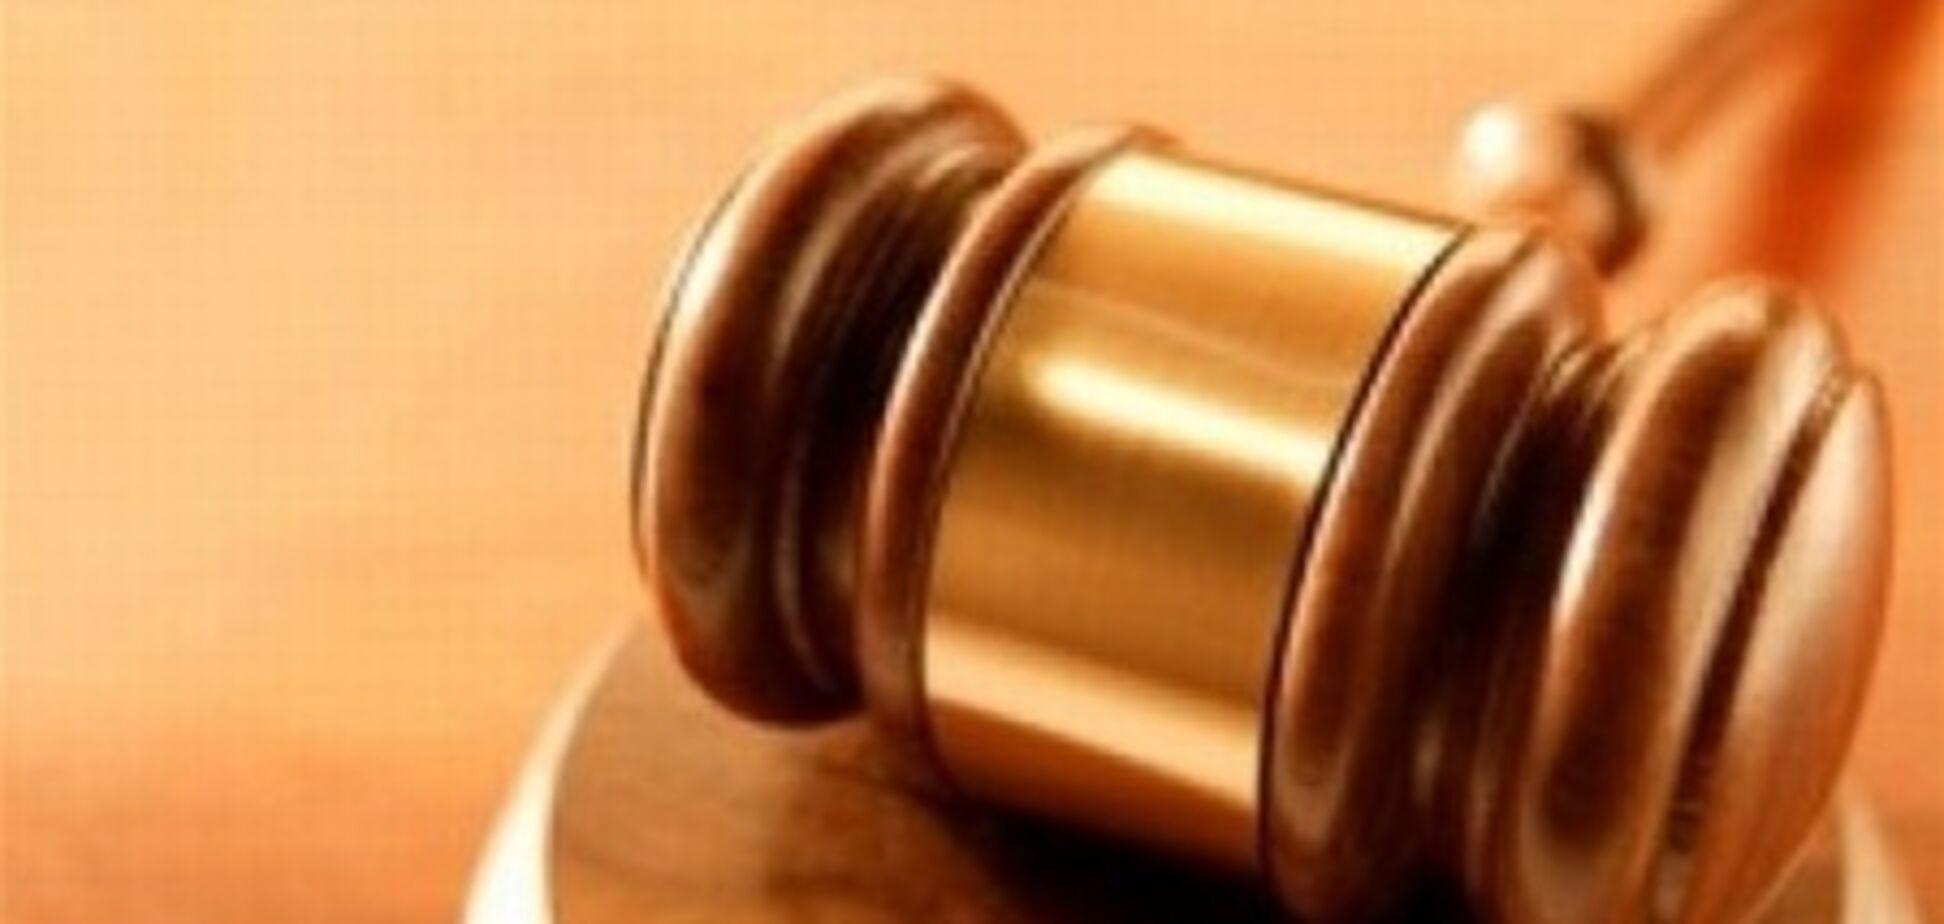 Суд приговорил сына депутата за убийство к условному сроку